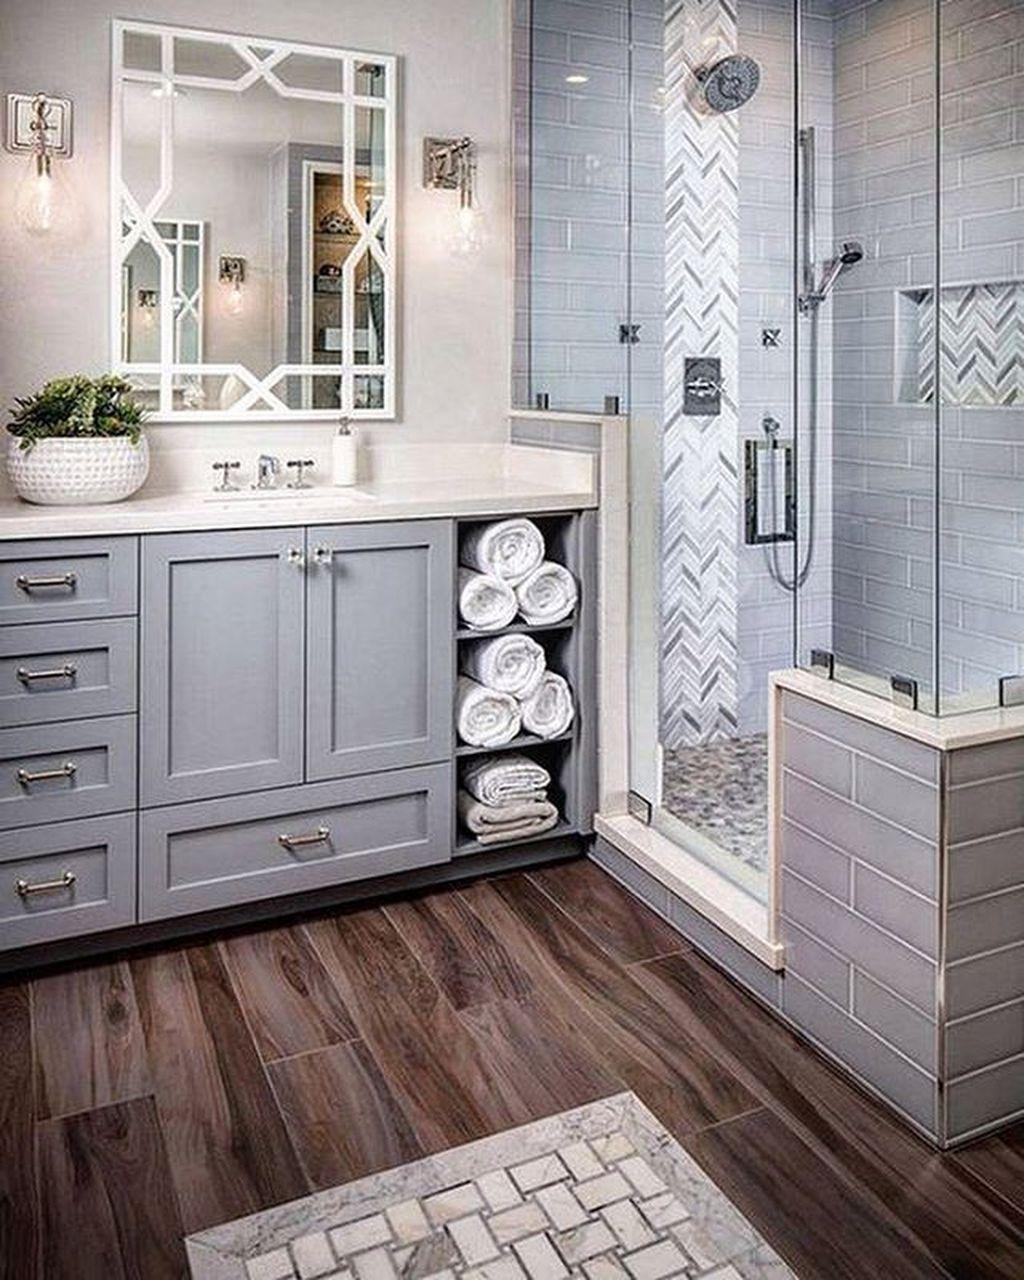 Rustic Farmhouse Style Bathroom Remodel Ideas (24 ... on Rustic Farmhouse Bathroom Tile  id=63198